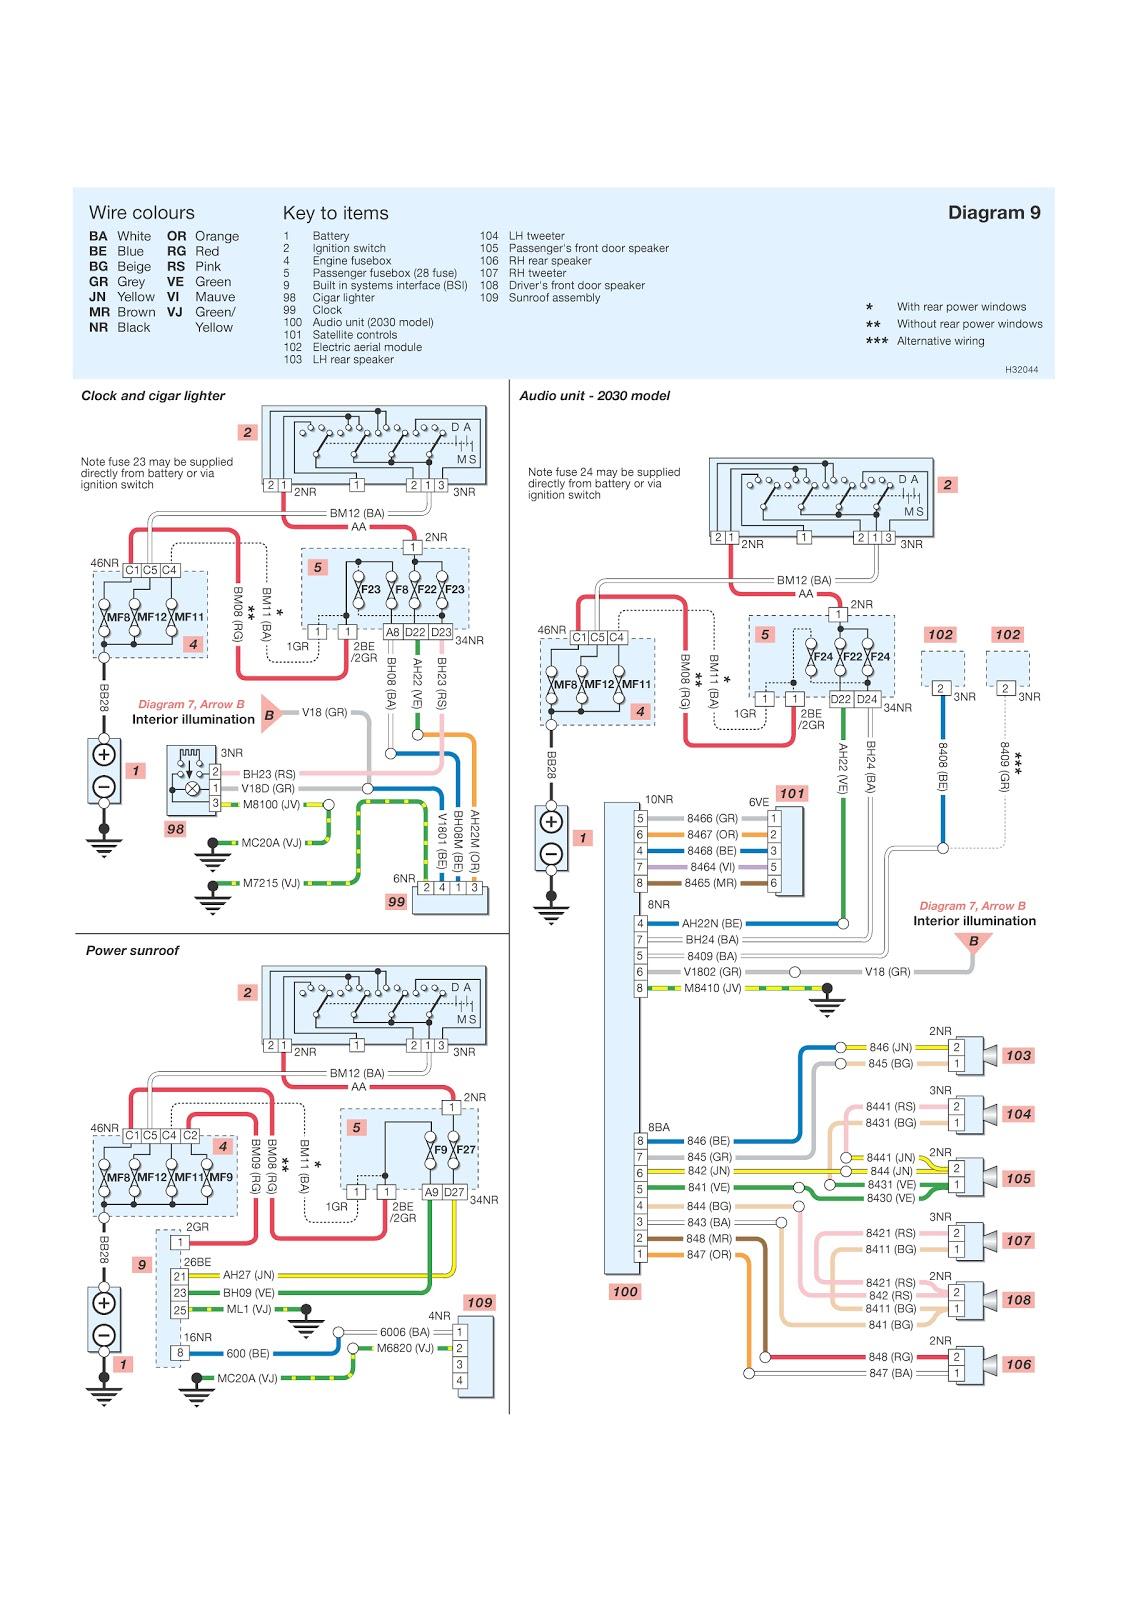 medium resolution of peugeot 206 system wiring diagrams clock cigar lighter